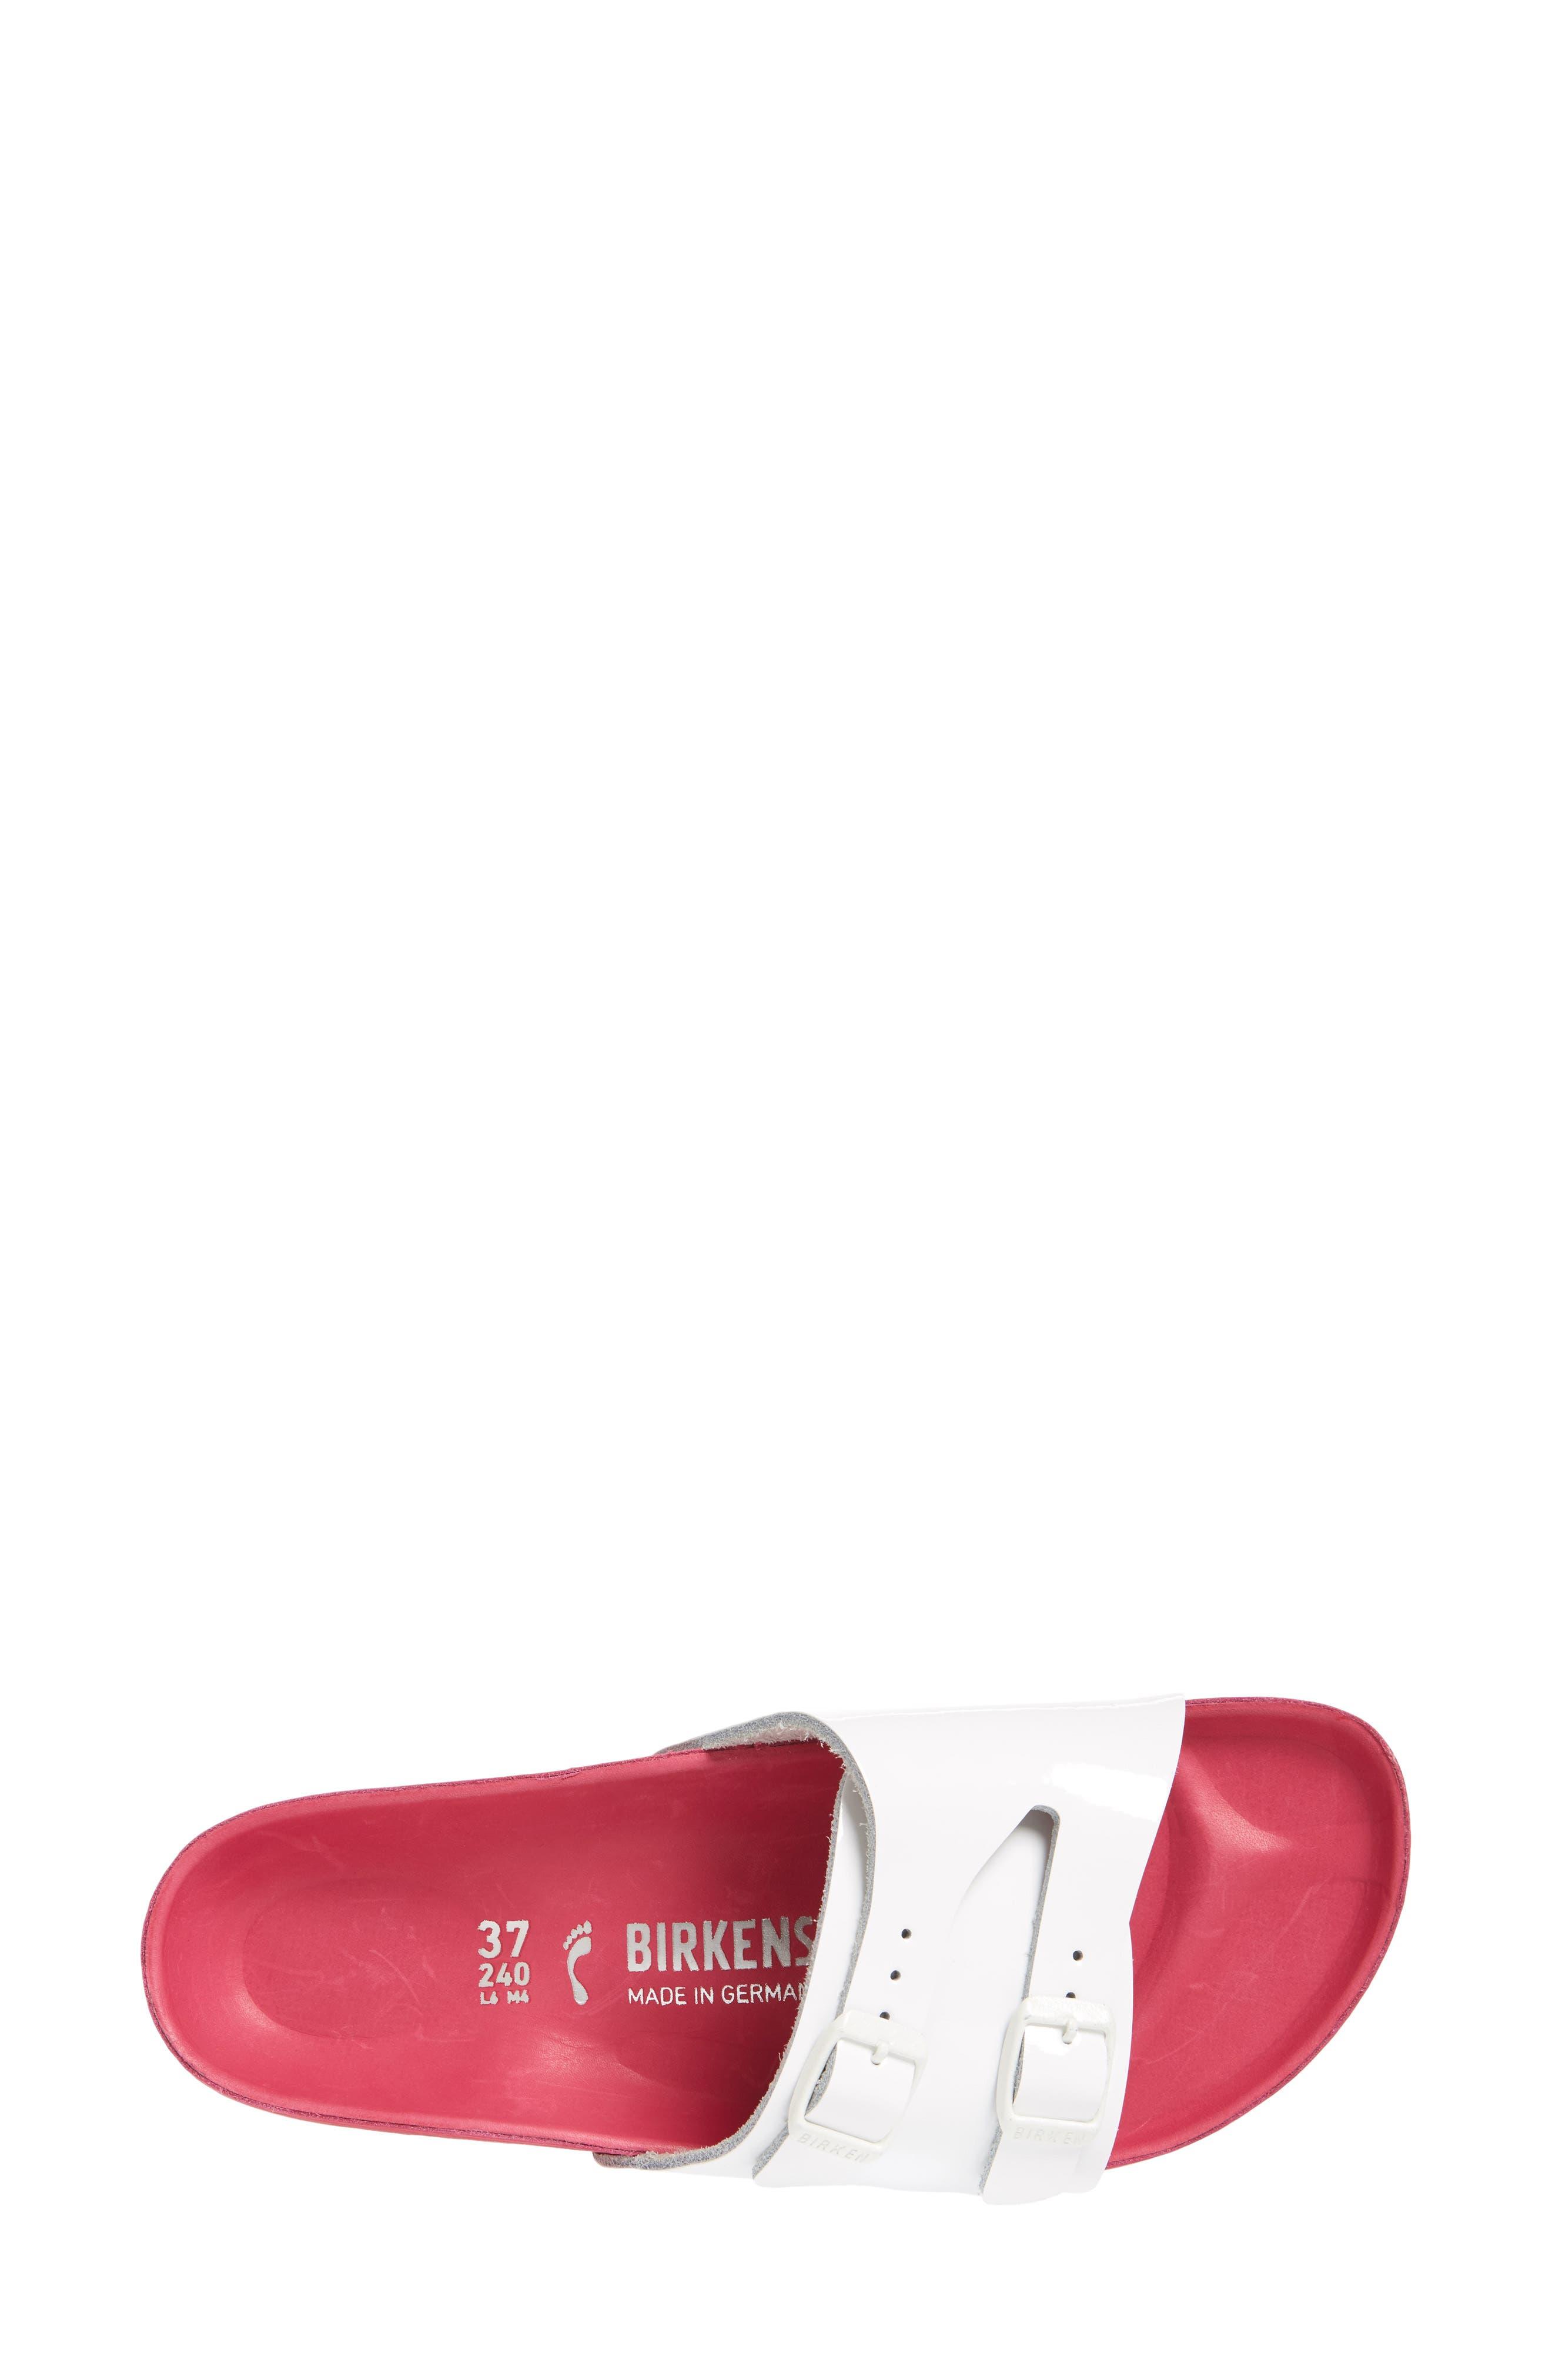 Vaduz Exquisite Limited Edition - Shock Drop Sandal,                             Alternate thumbnail 5, color,                             White Leather